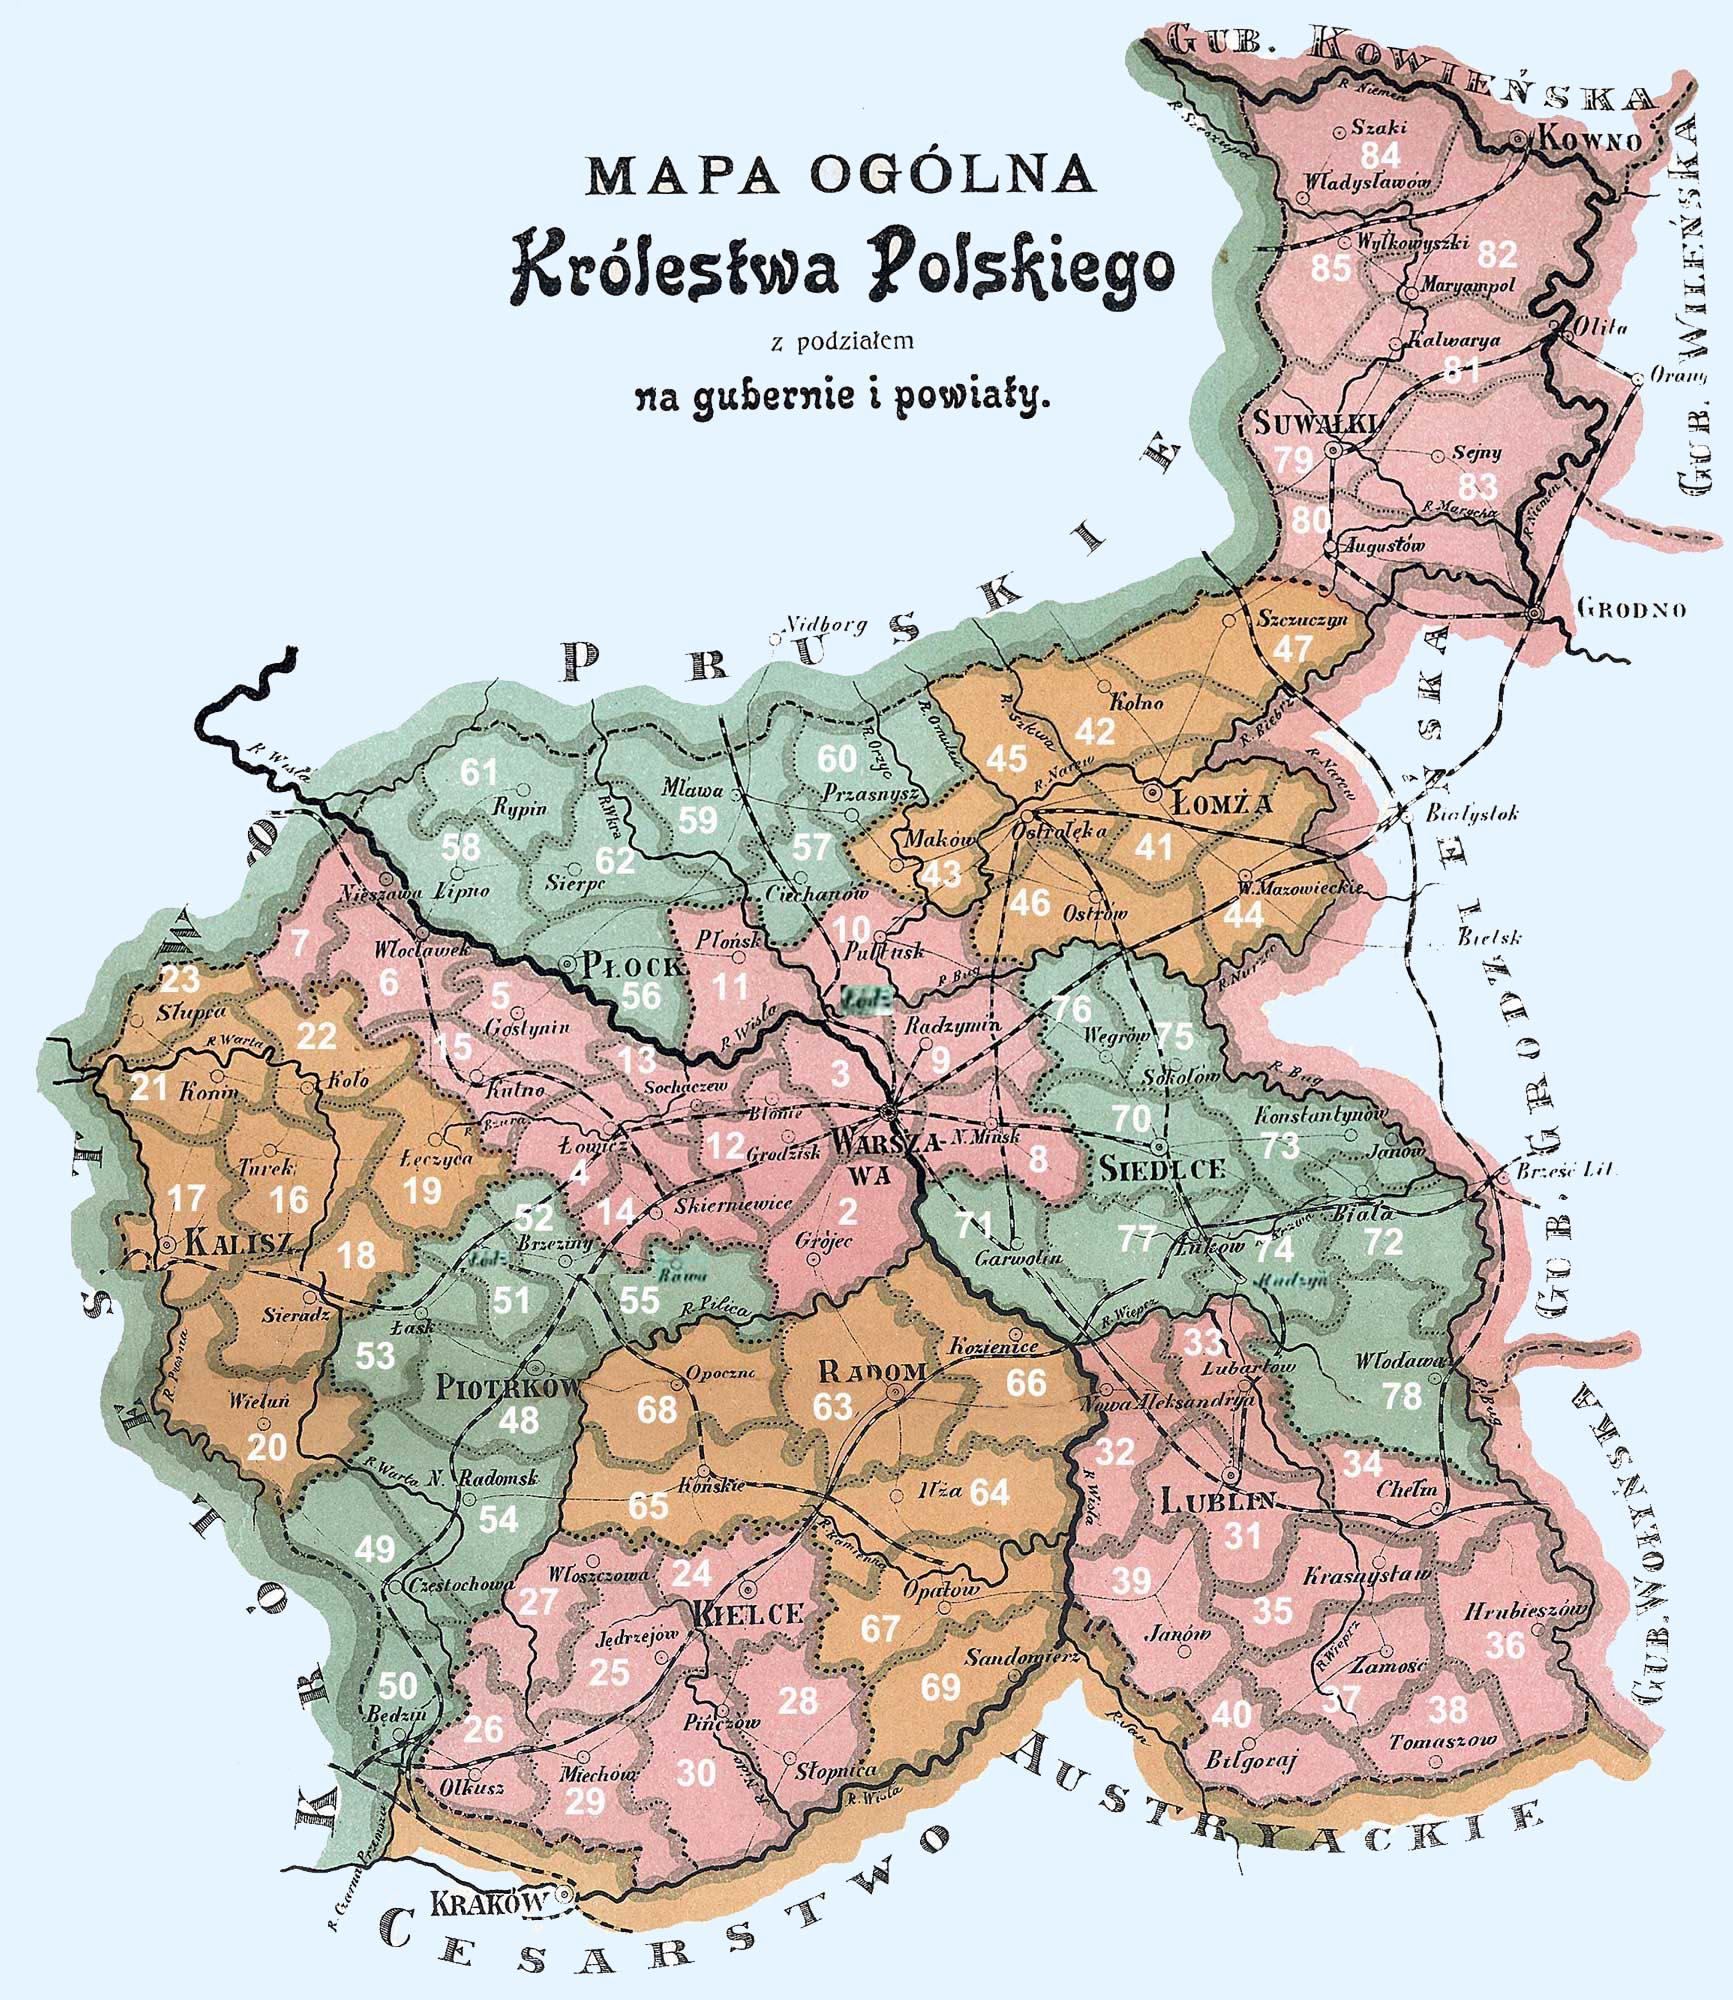 1907 Poland powiaty